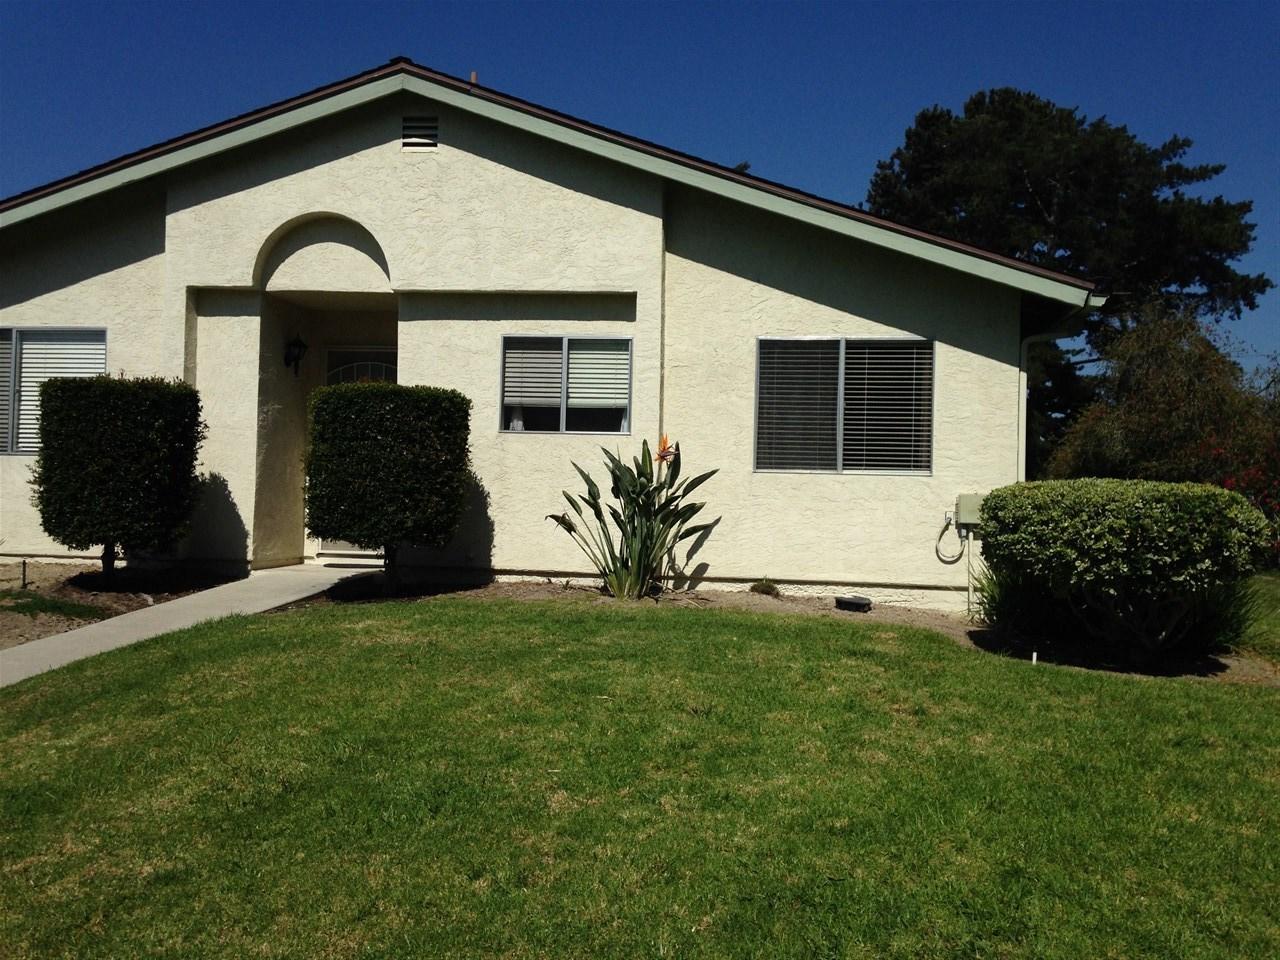 1056 Turnstone Way, Oceanside, CA 92057